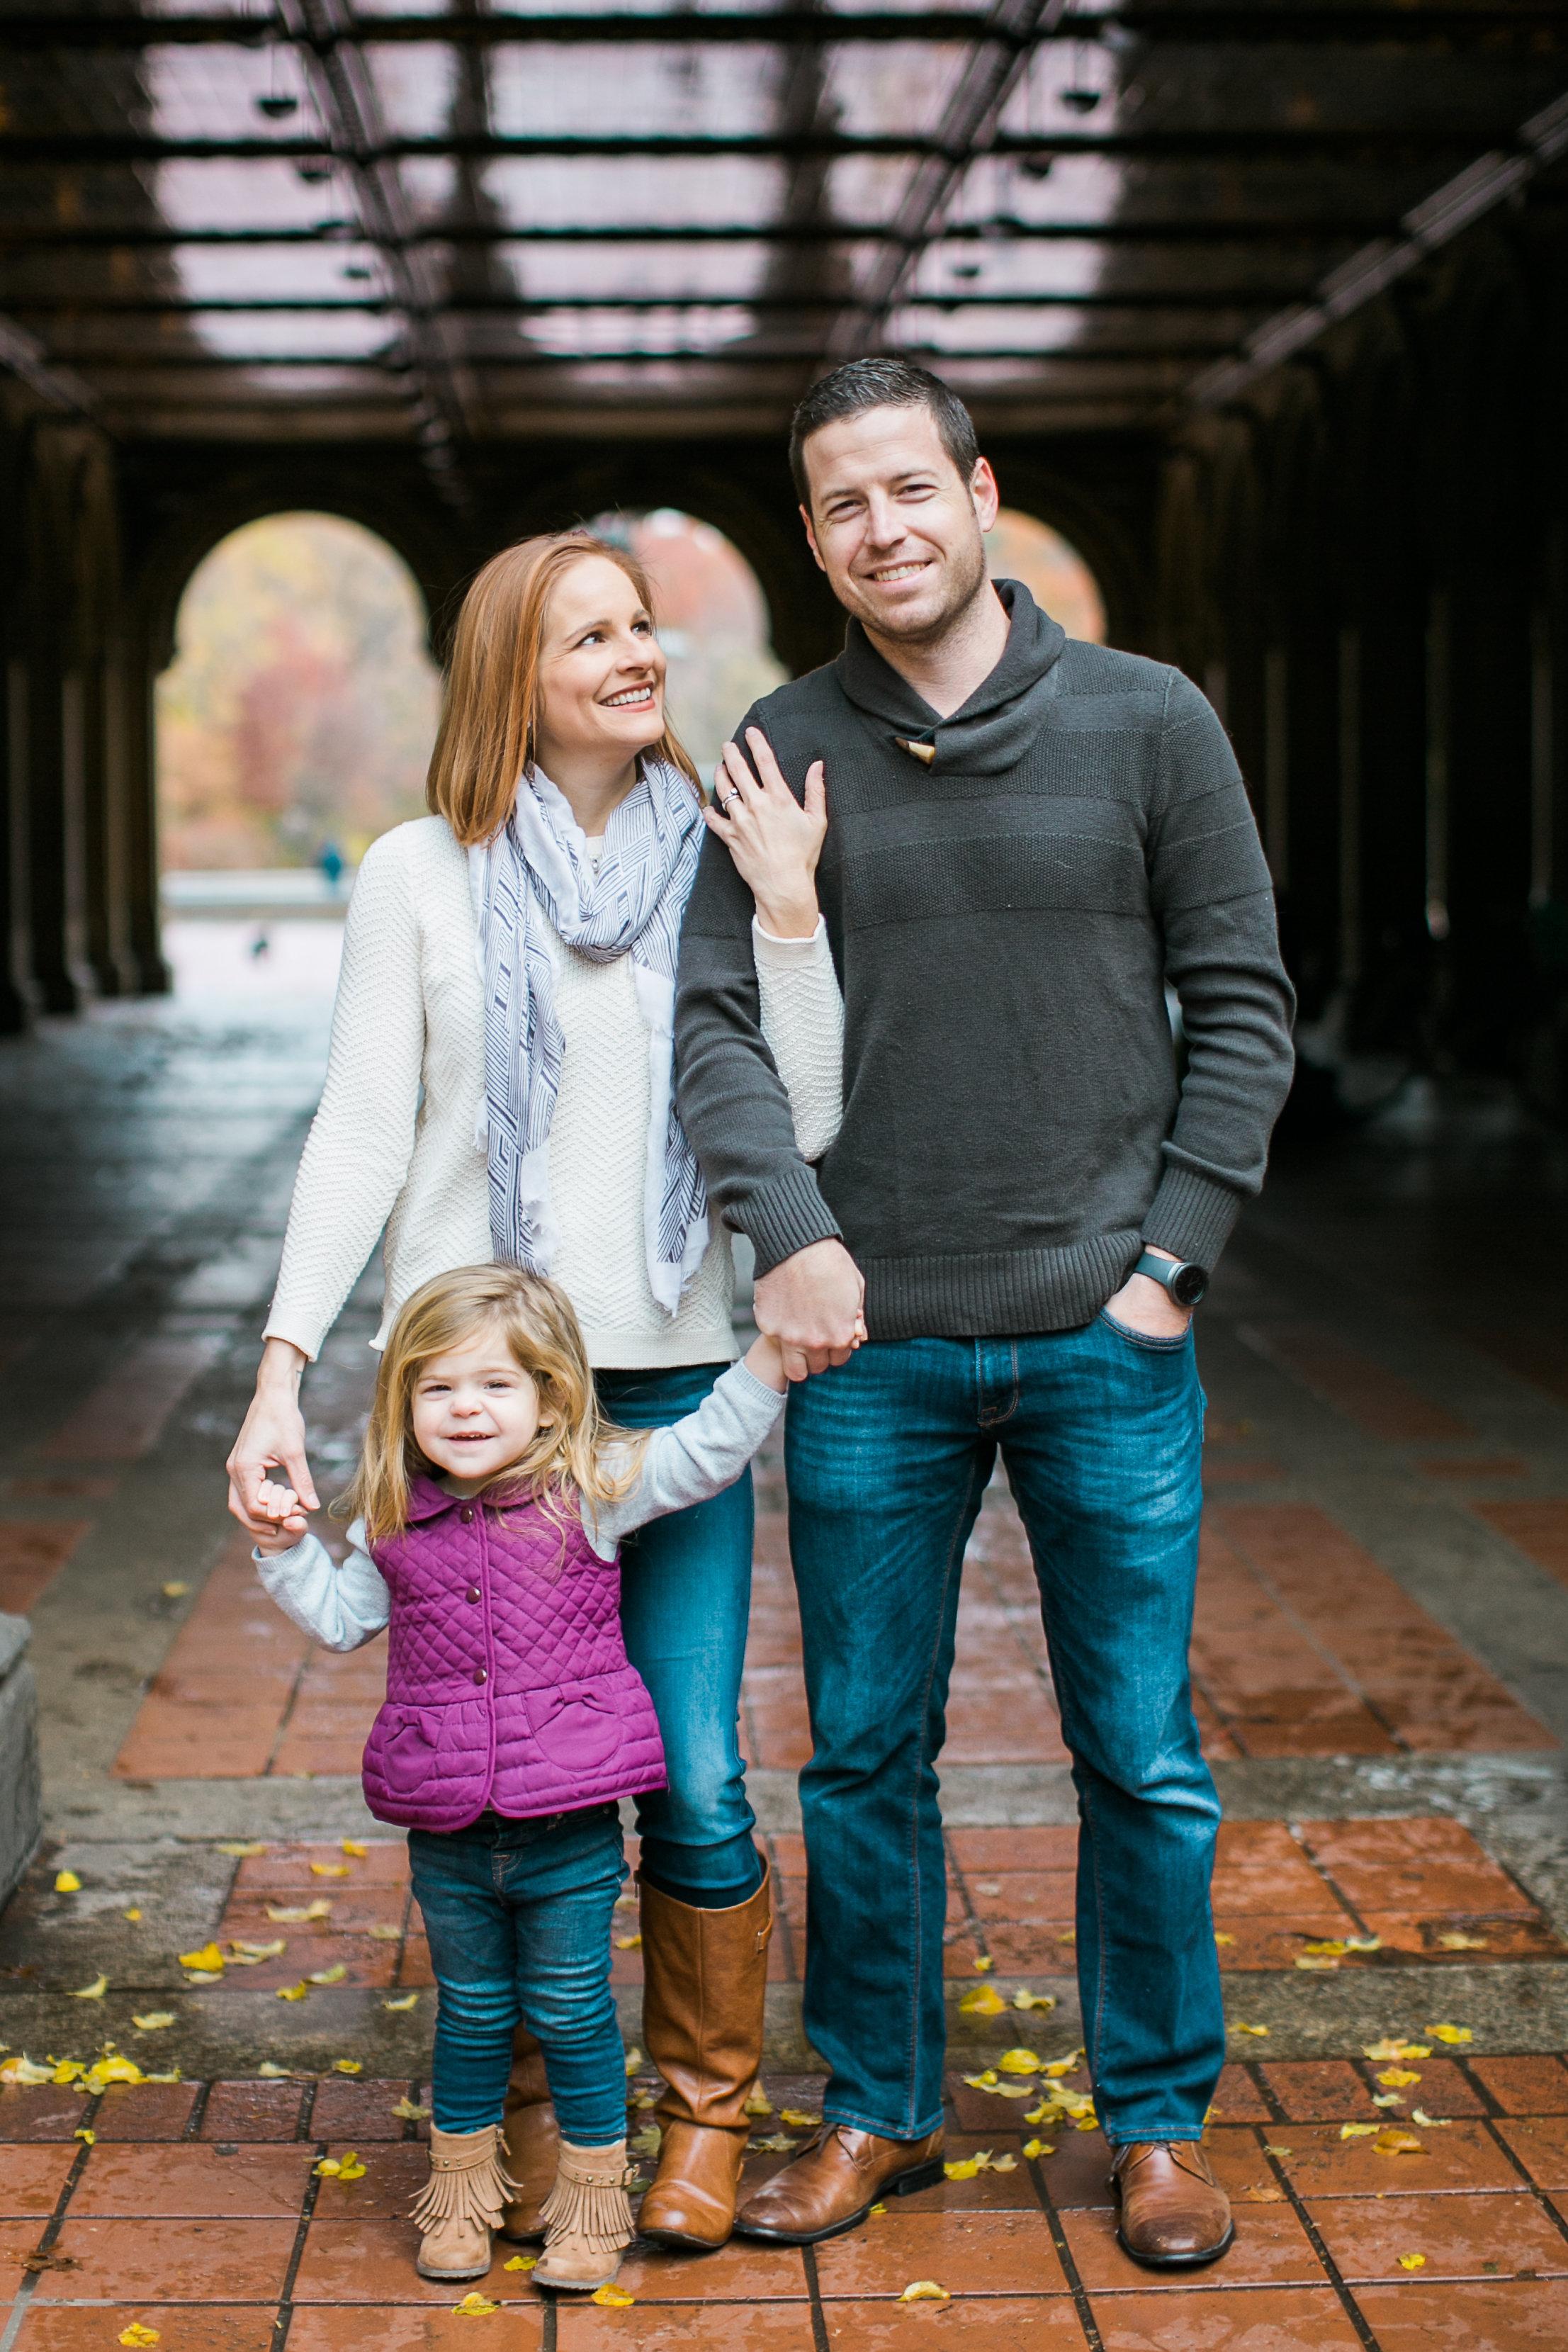 central-park-family-photos-laurie-58.jpg